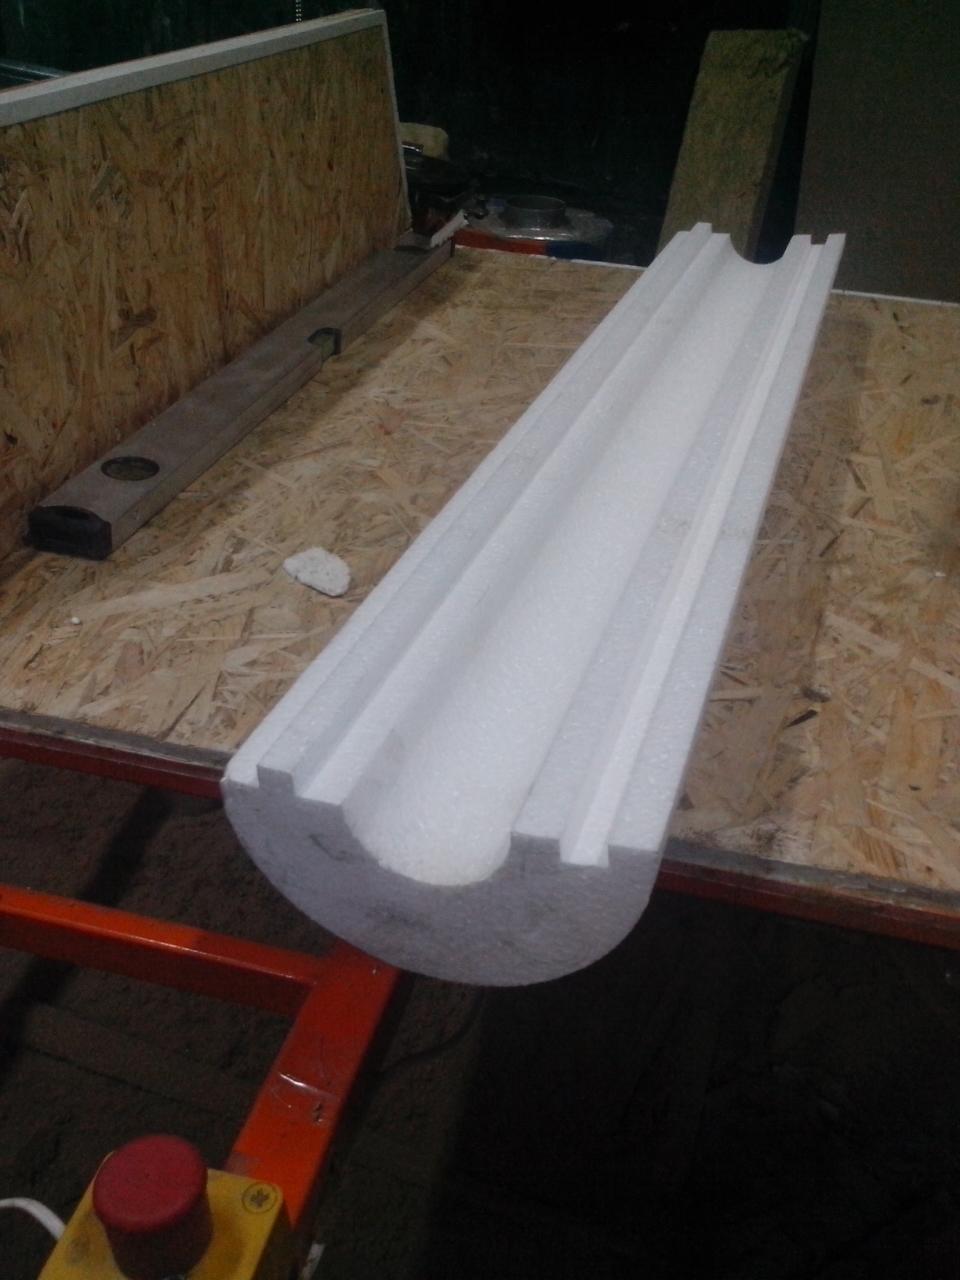 Утеплитель из пенопласта (пенополистирола) для труб Ø 100 мм толщиной 100 мм